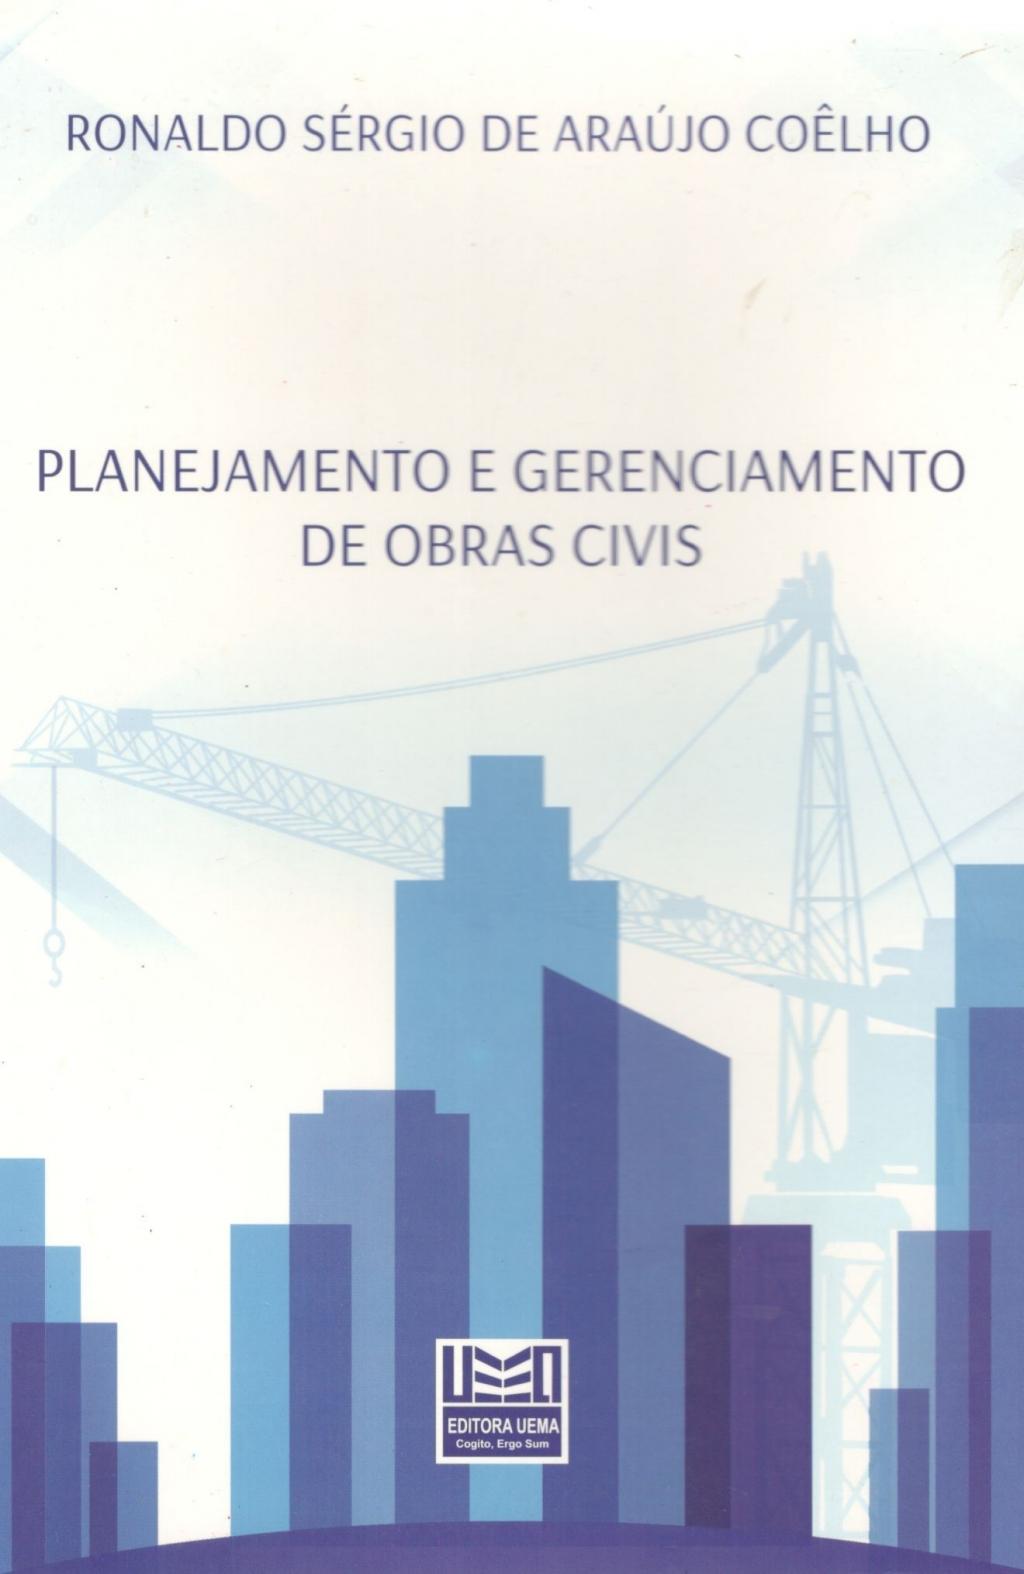 Planejamento e gerenciamento de obras civis (esgotado)